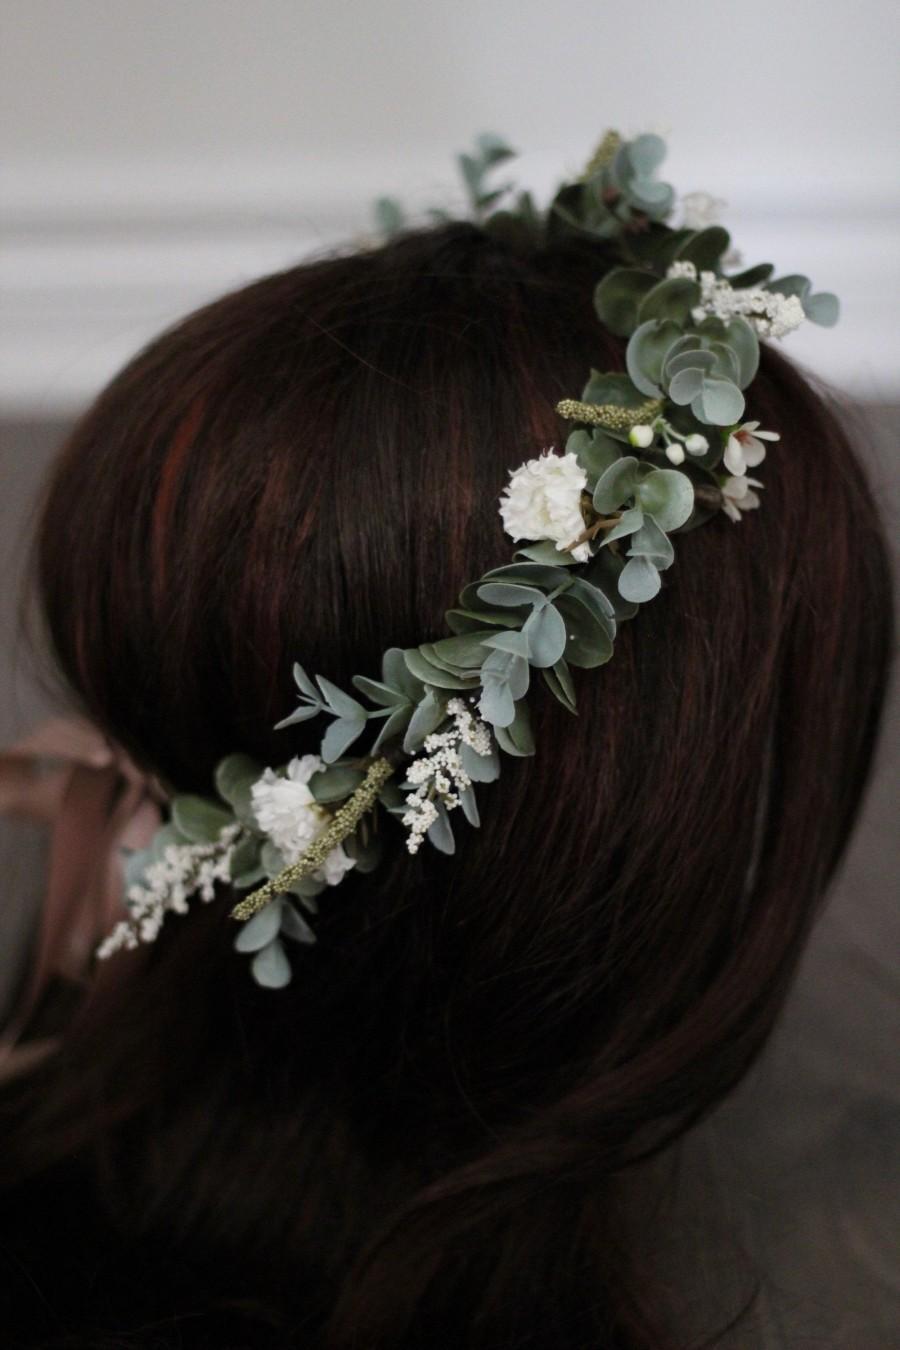 زفاف - Eucalyptus Crown, flower crown, floral crown, bridal flower crown, fall flower crown, winter flower crown, sage green crown, greenery crown